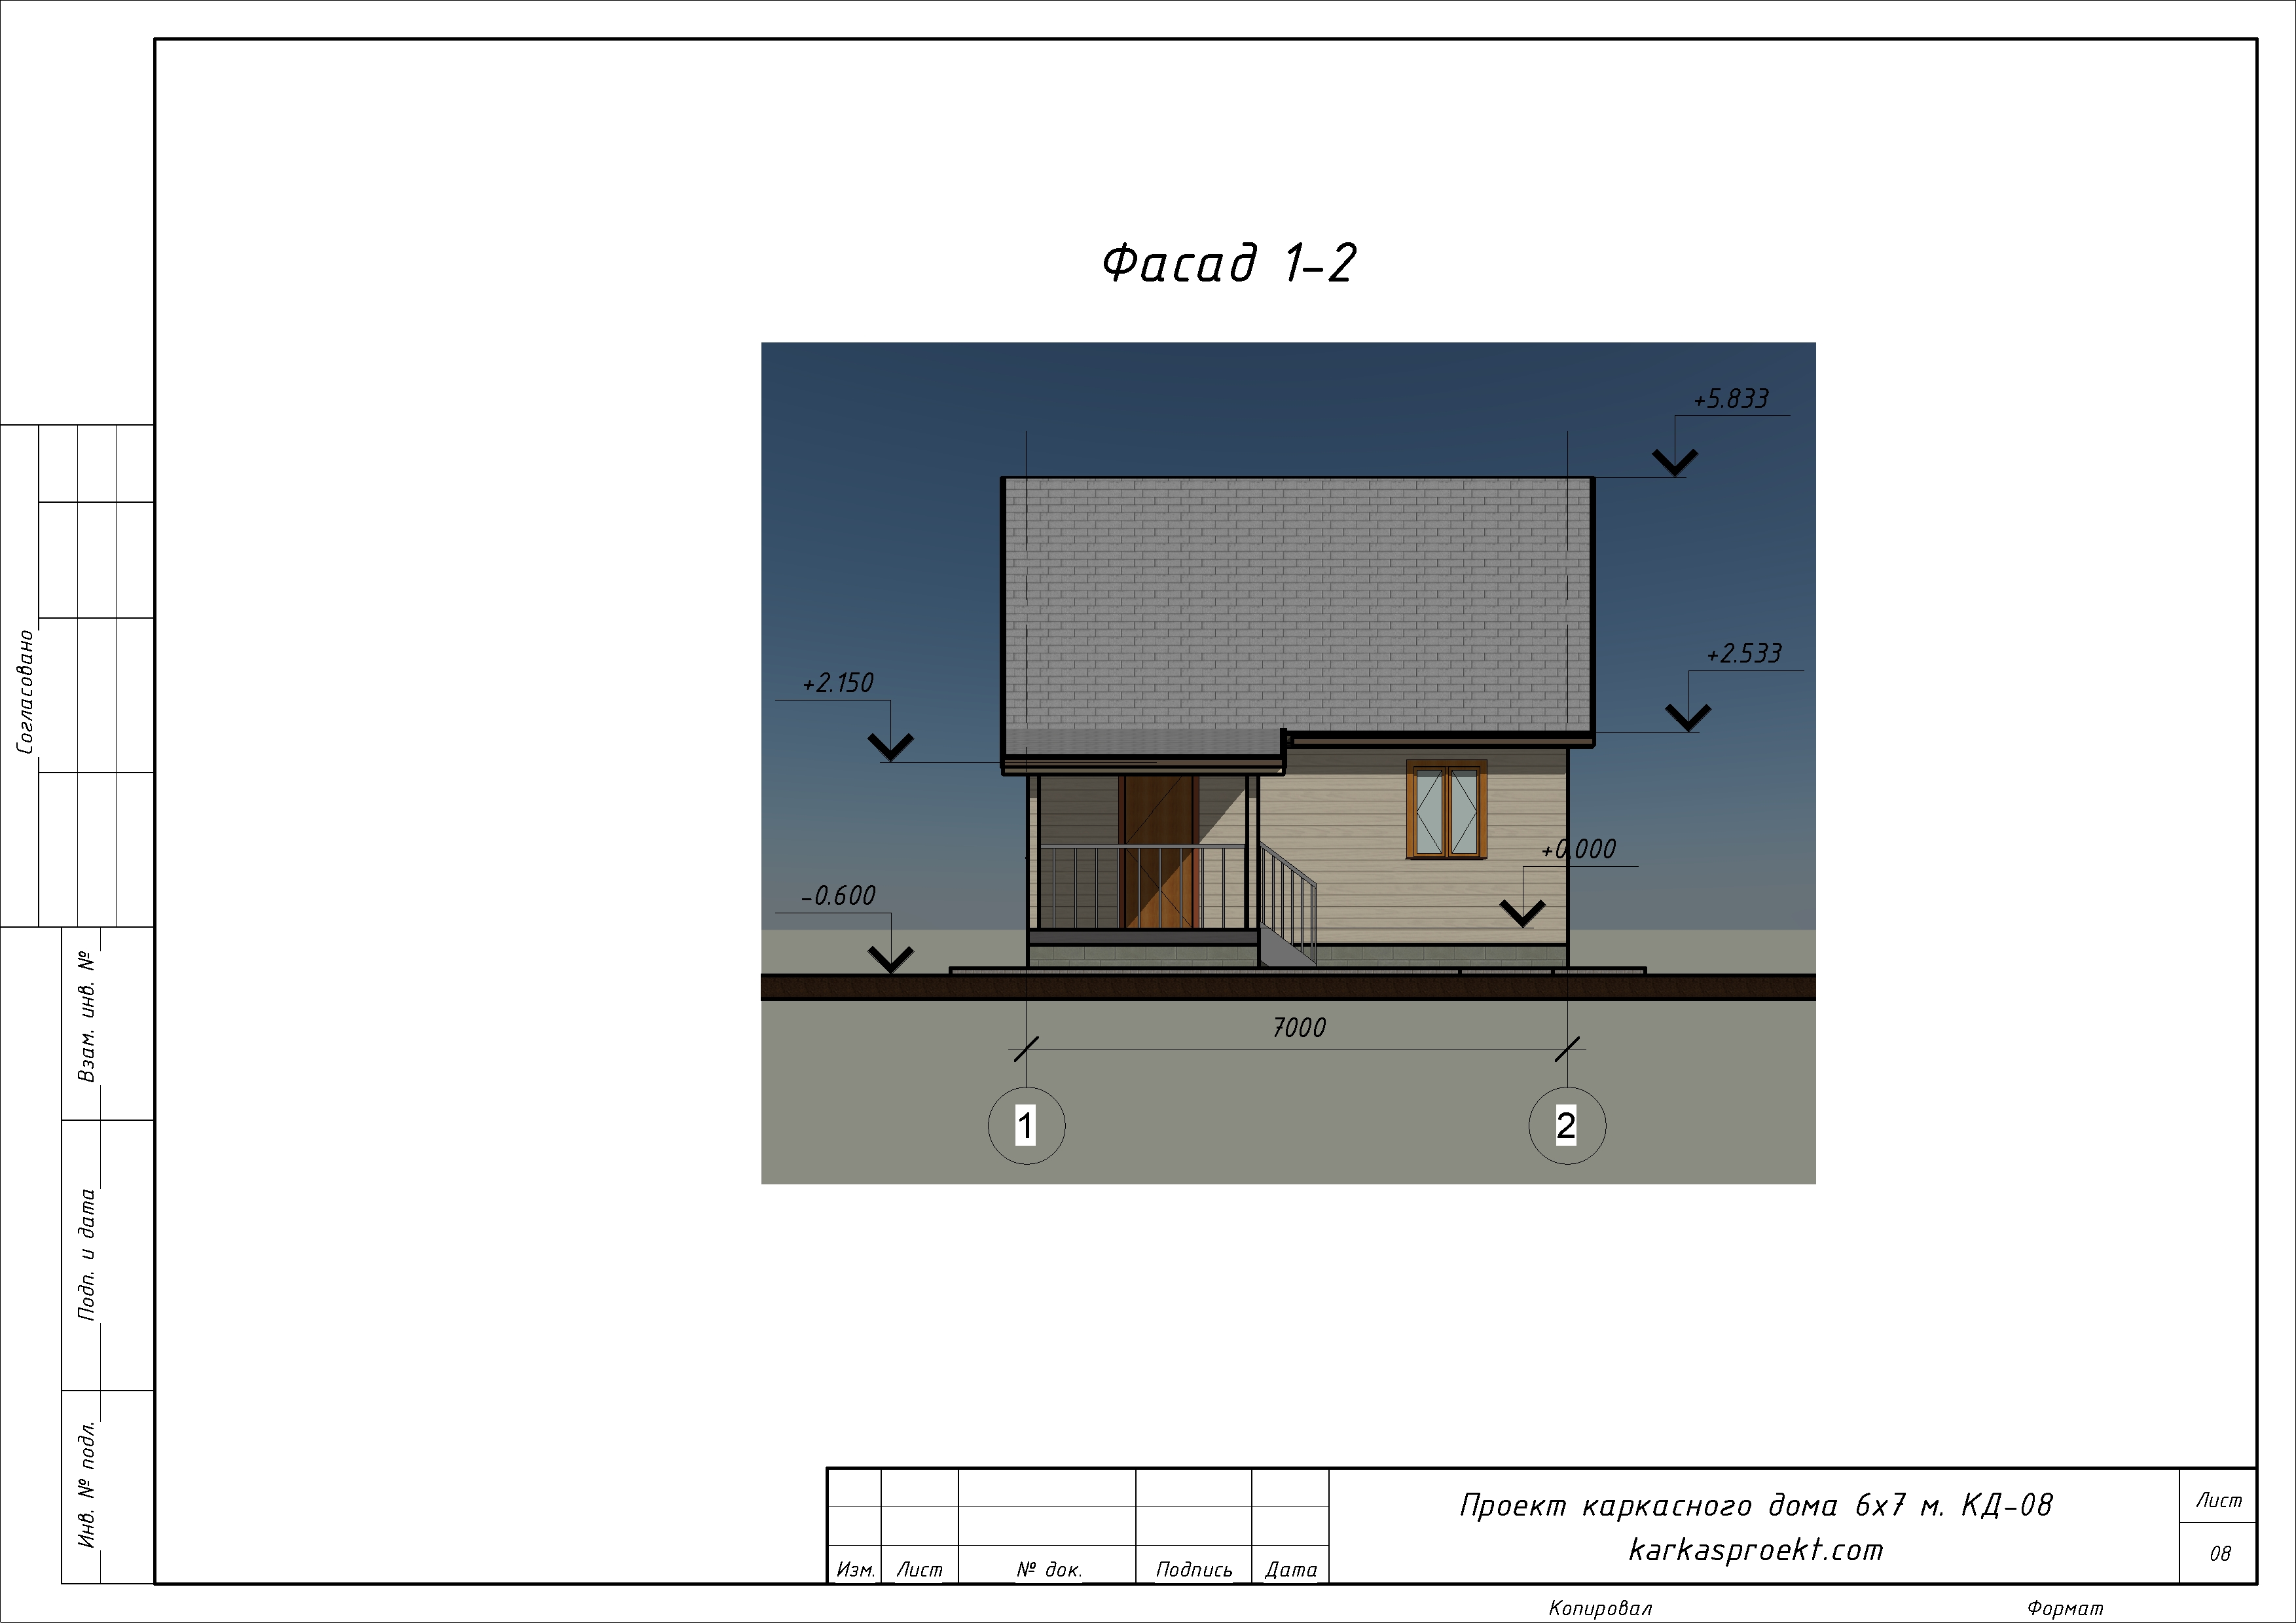 КД-08 Фасад 1-2